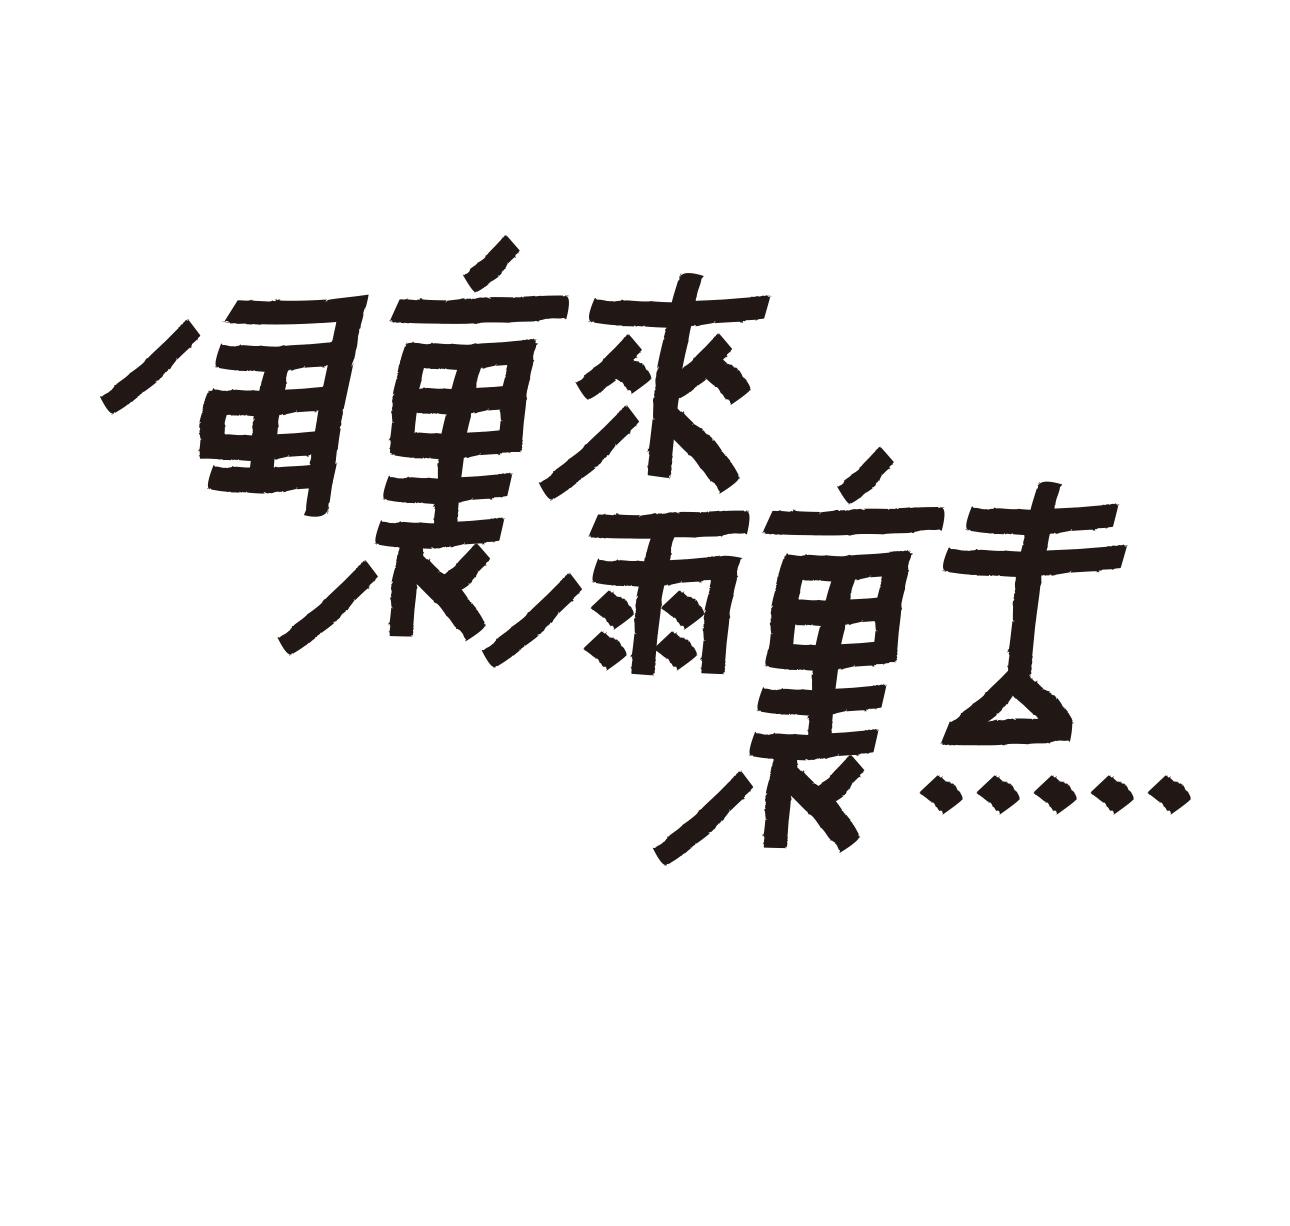 【岳昕字体设计专栏 】每周更新,欢迎关注!